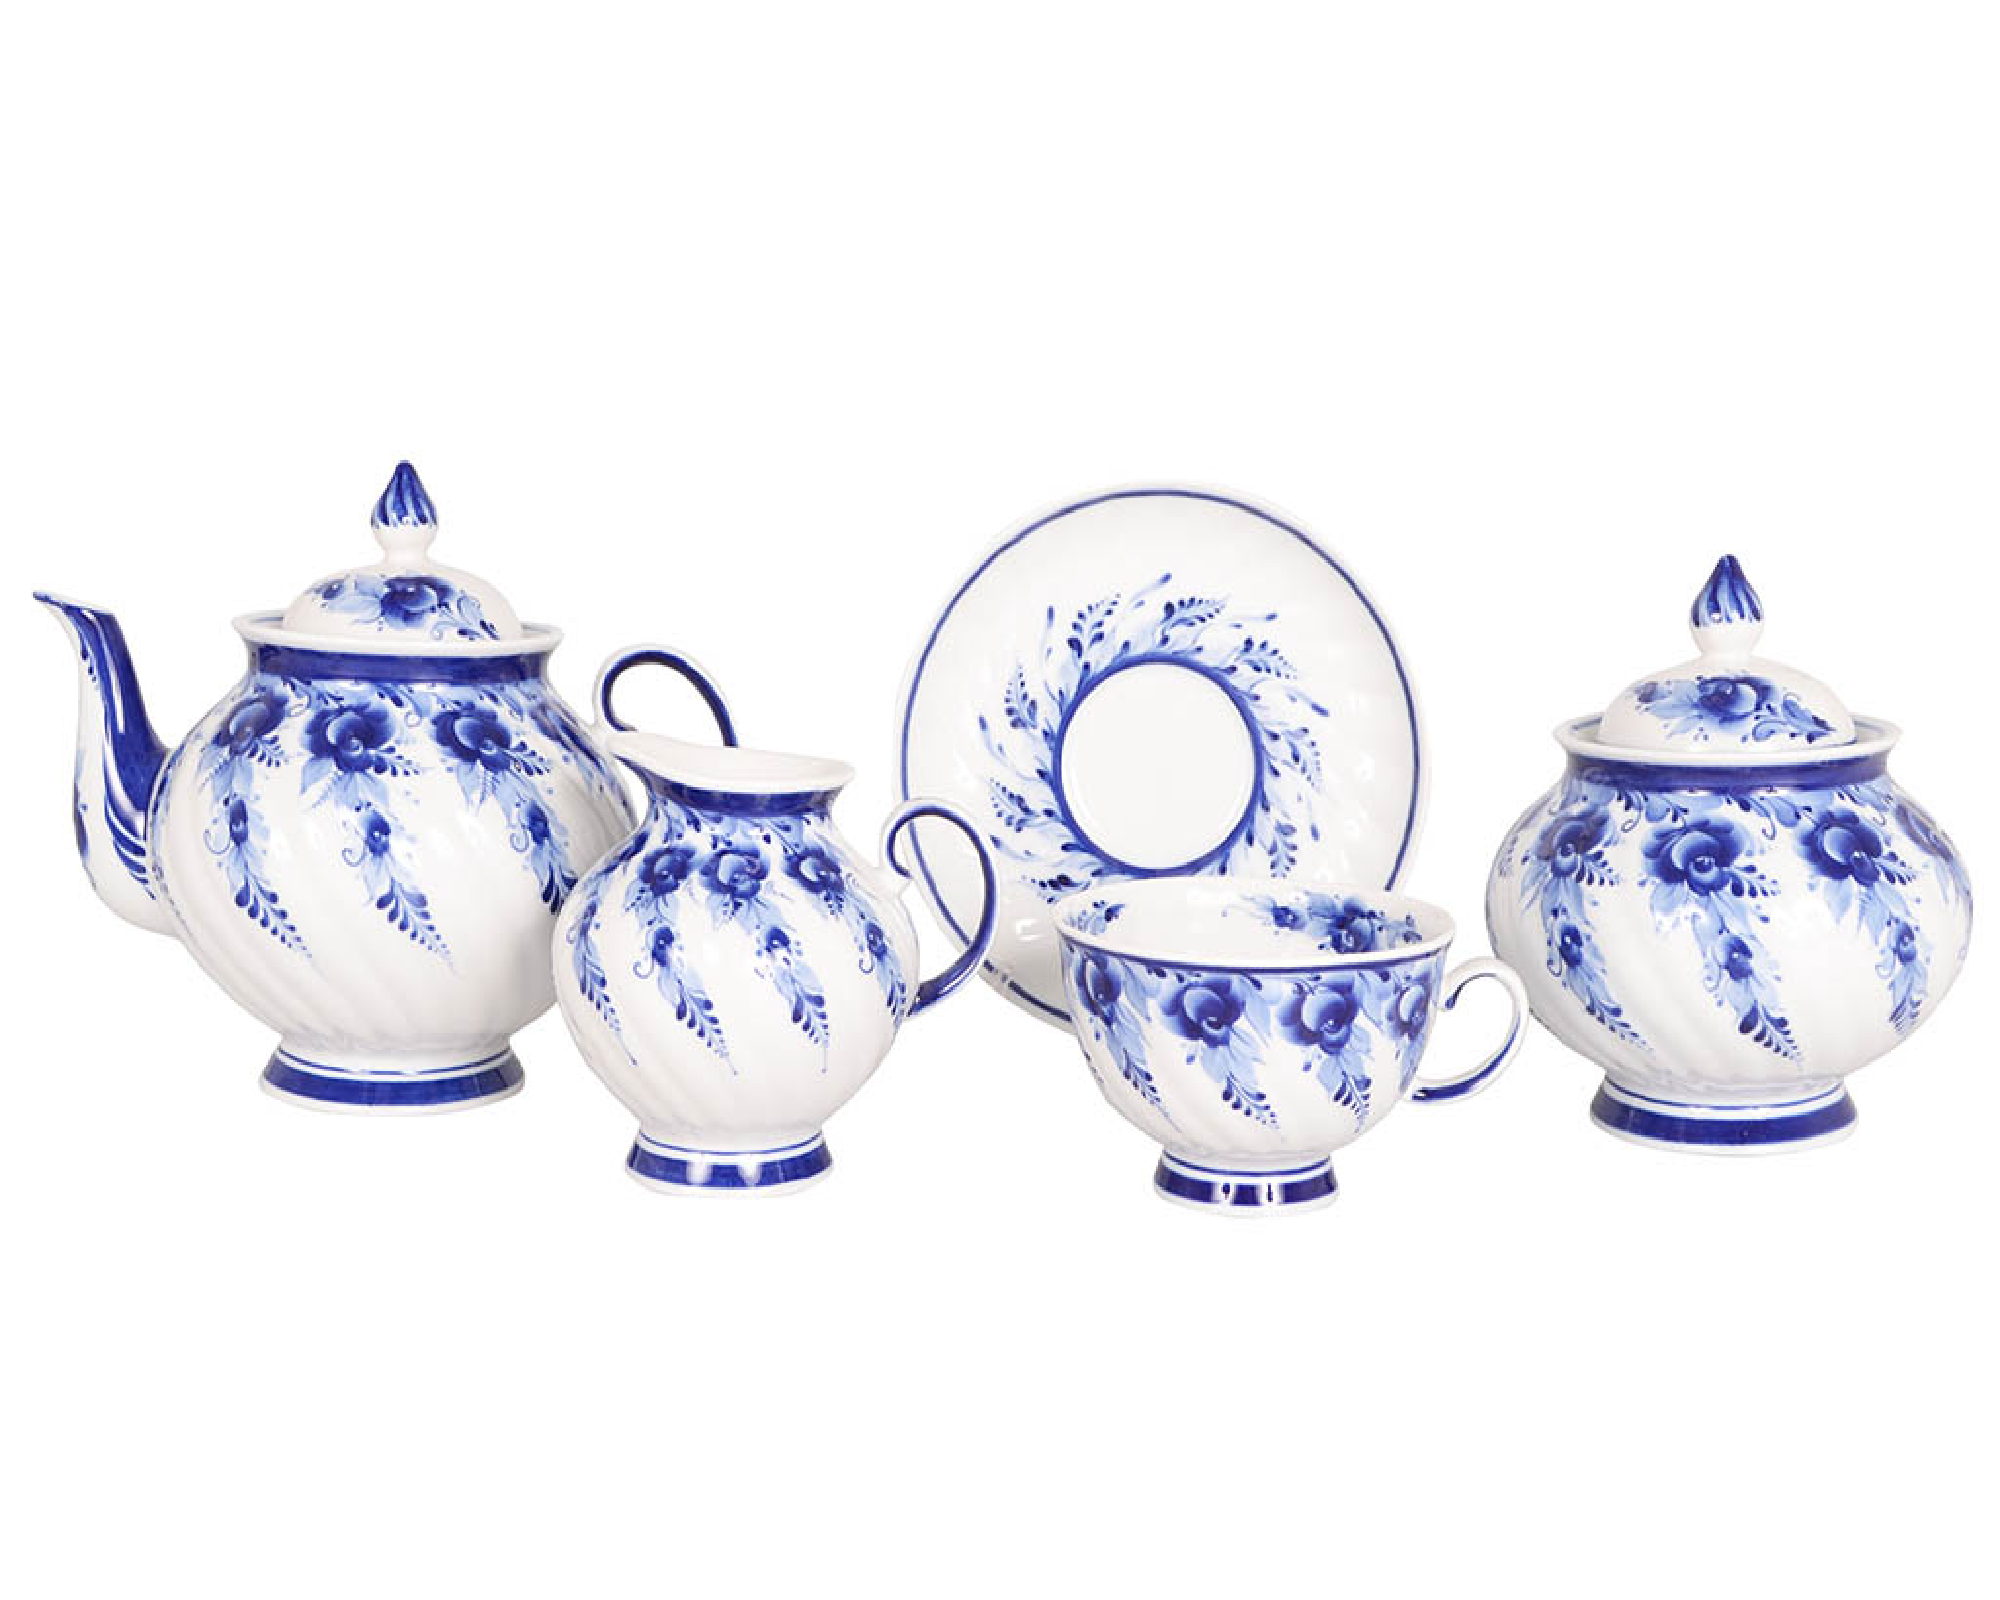 Фото Сервиз чайный Голубая роза Гжель, 15 предметов на 6 персон